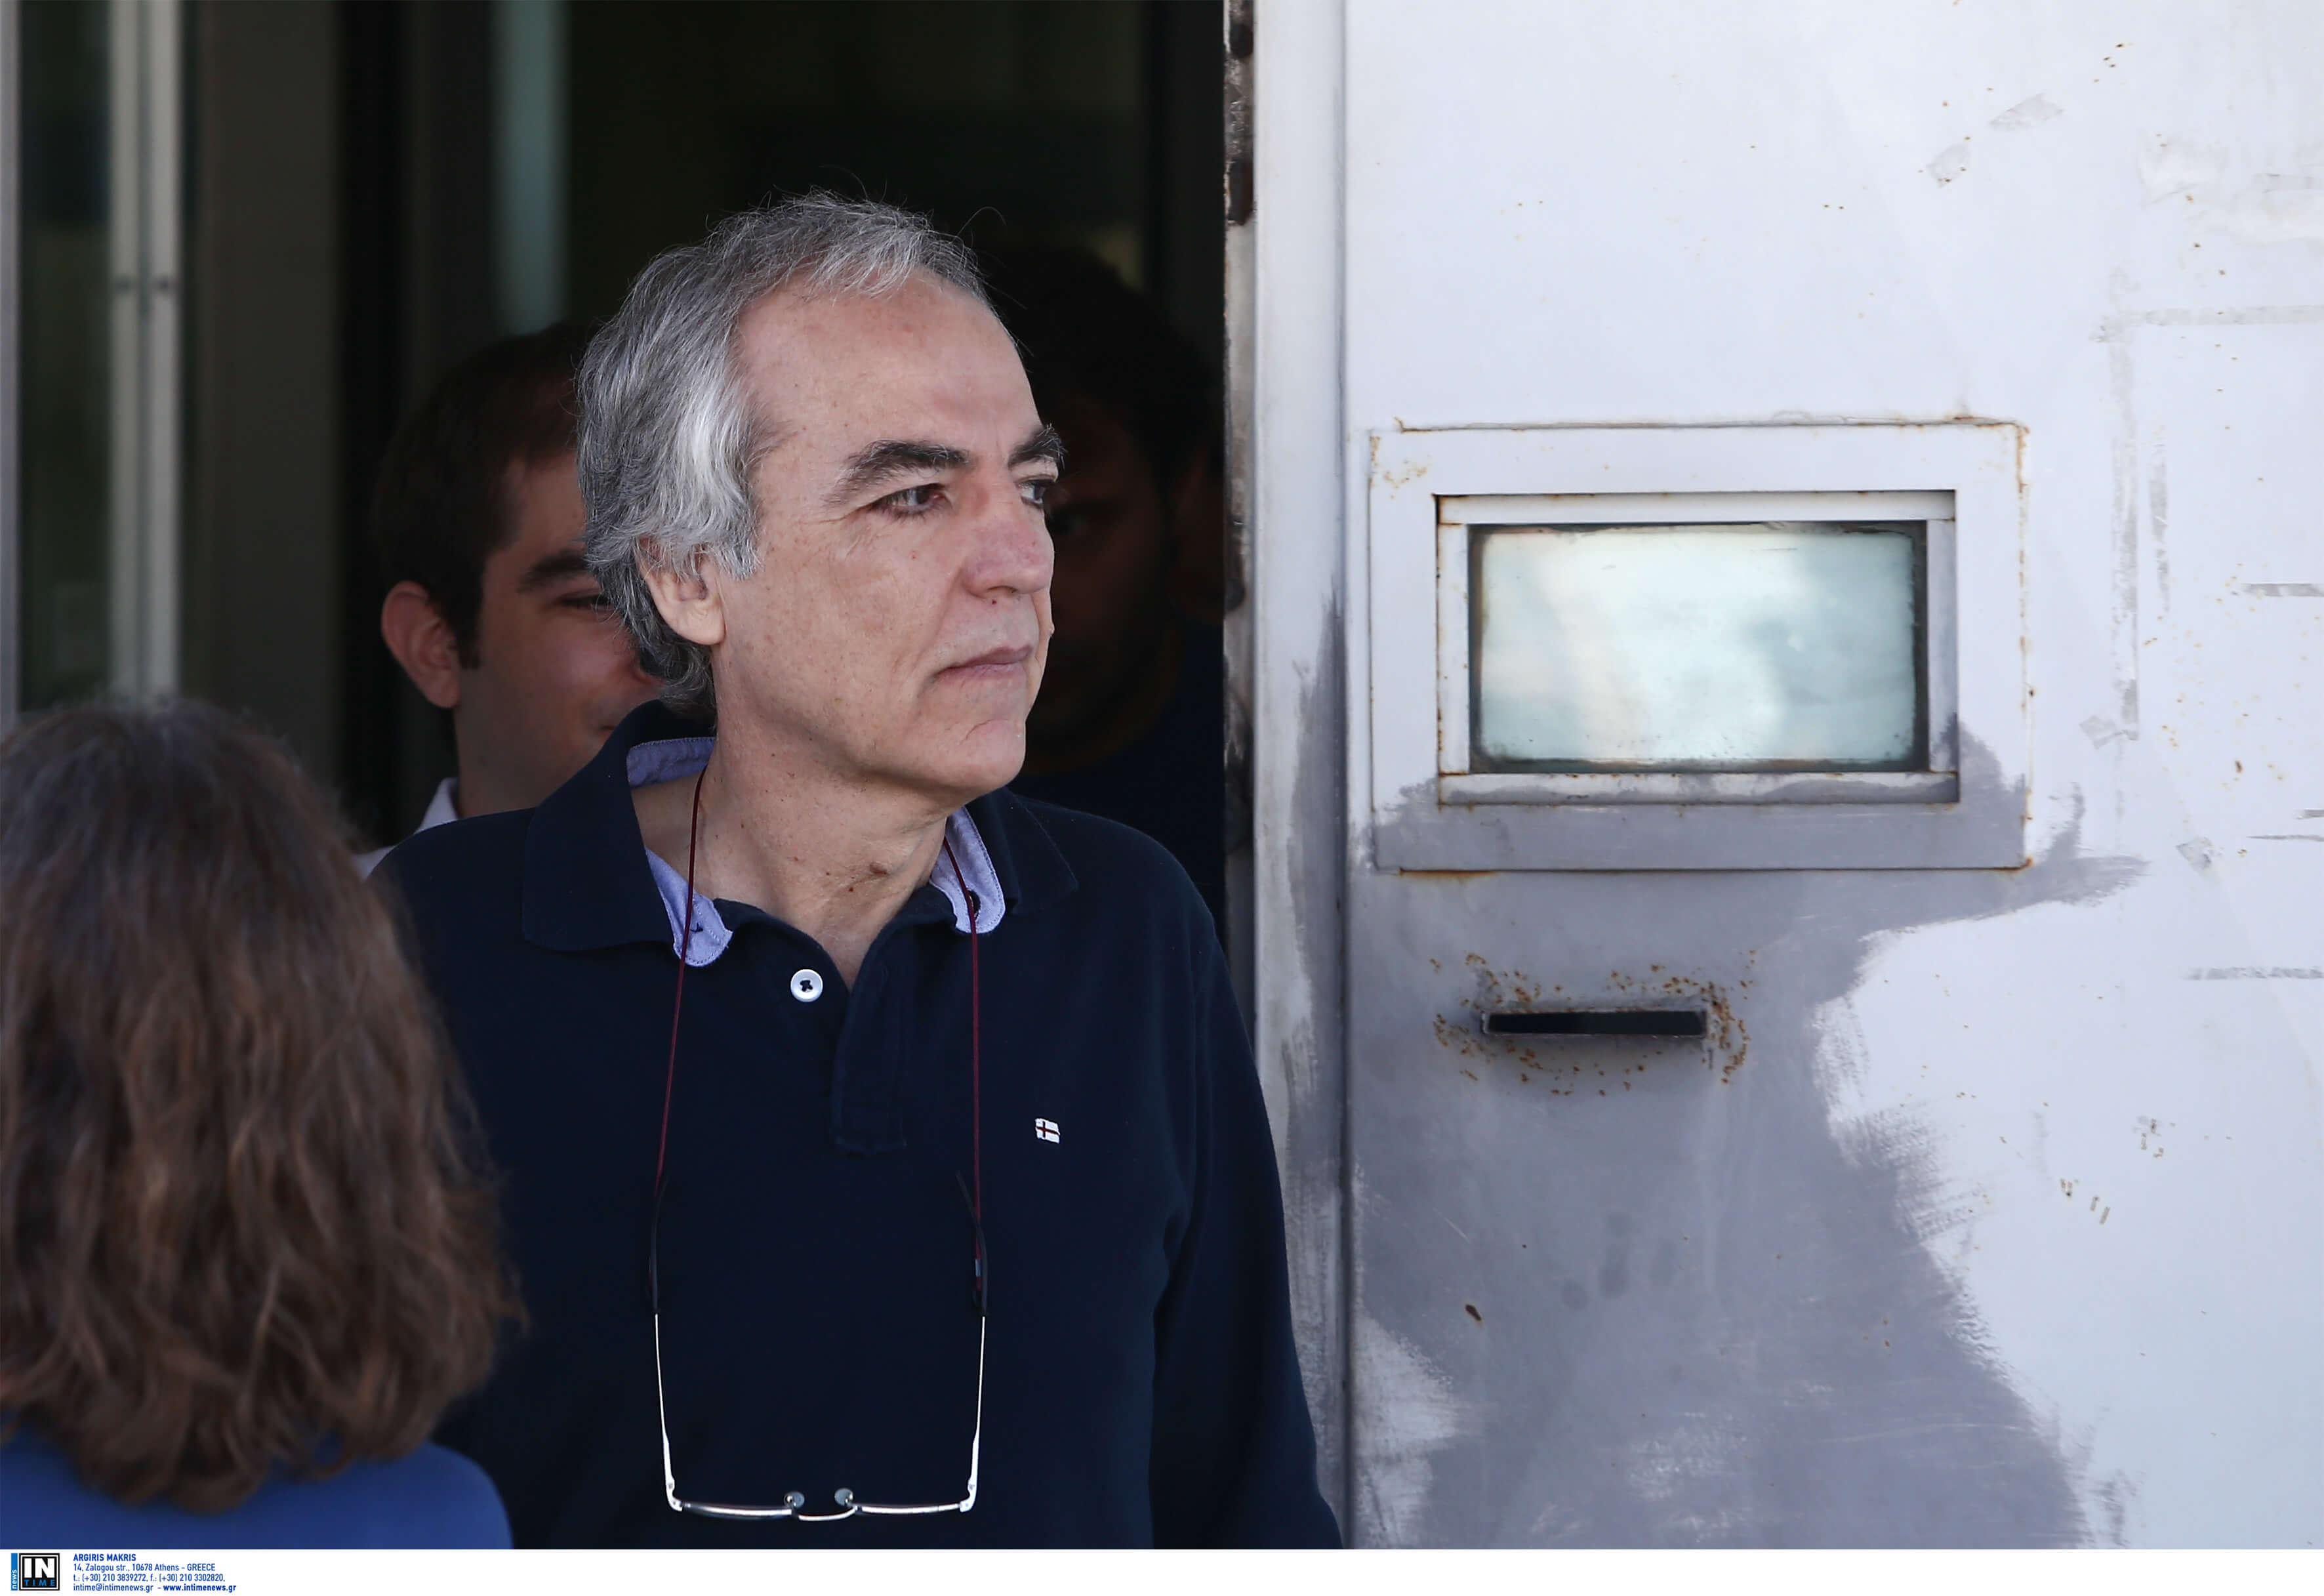 Δημήτρης Κουφοντίνας: Η εισαγγελέας εισηγείται την απόρριψη του αιτήματος για αποφυλάκιση